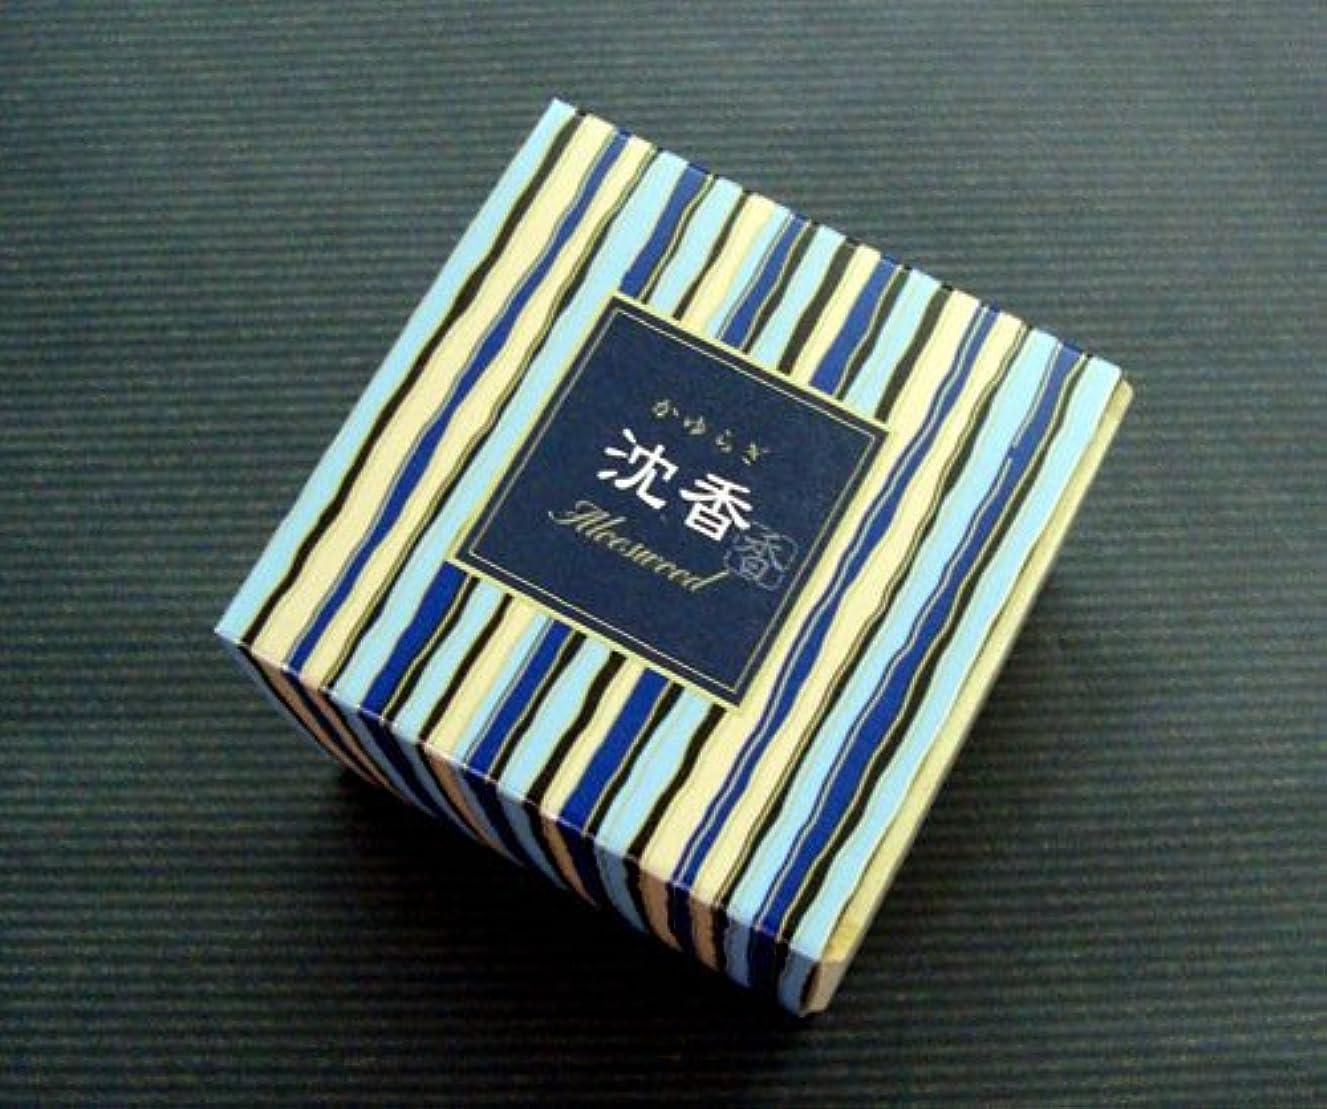 キャンドルラバミサイル香木沈香の香り 日本香堂【かゆらぎ沈香 コーン12個入】香立付 【お香】